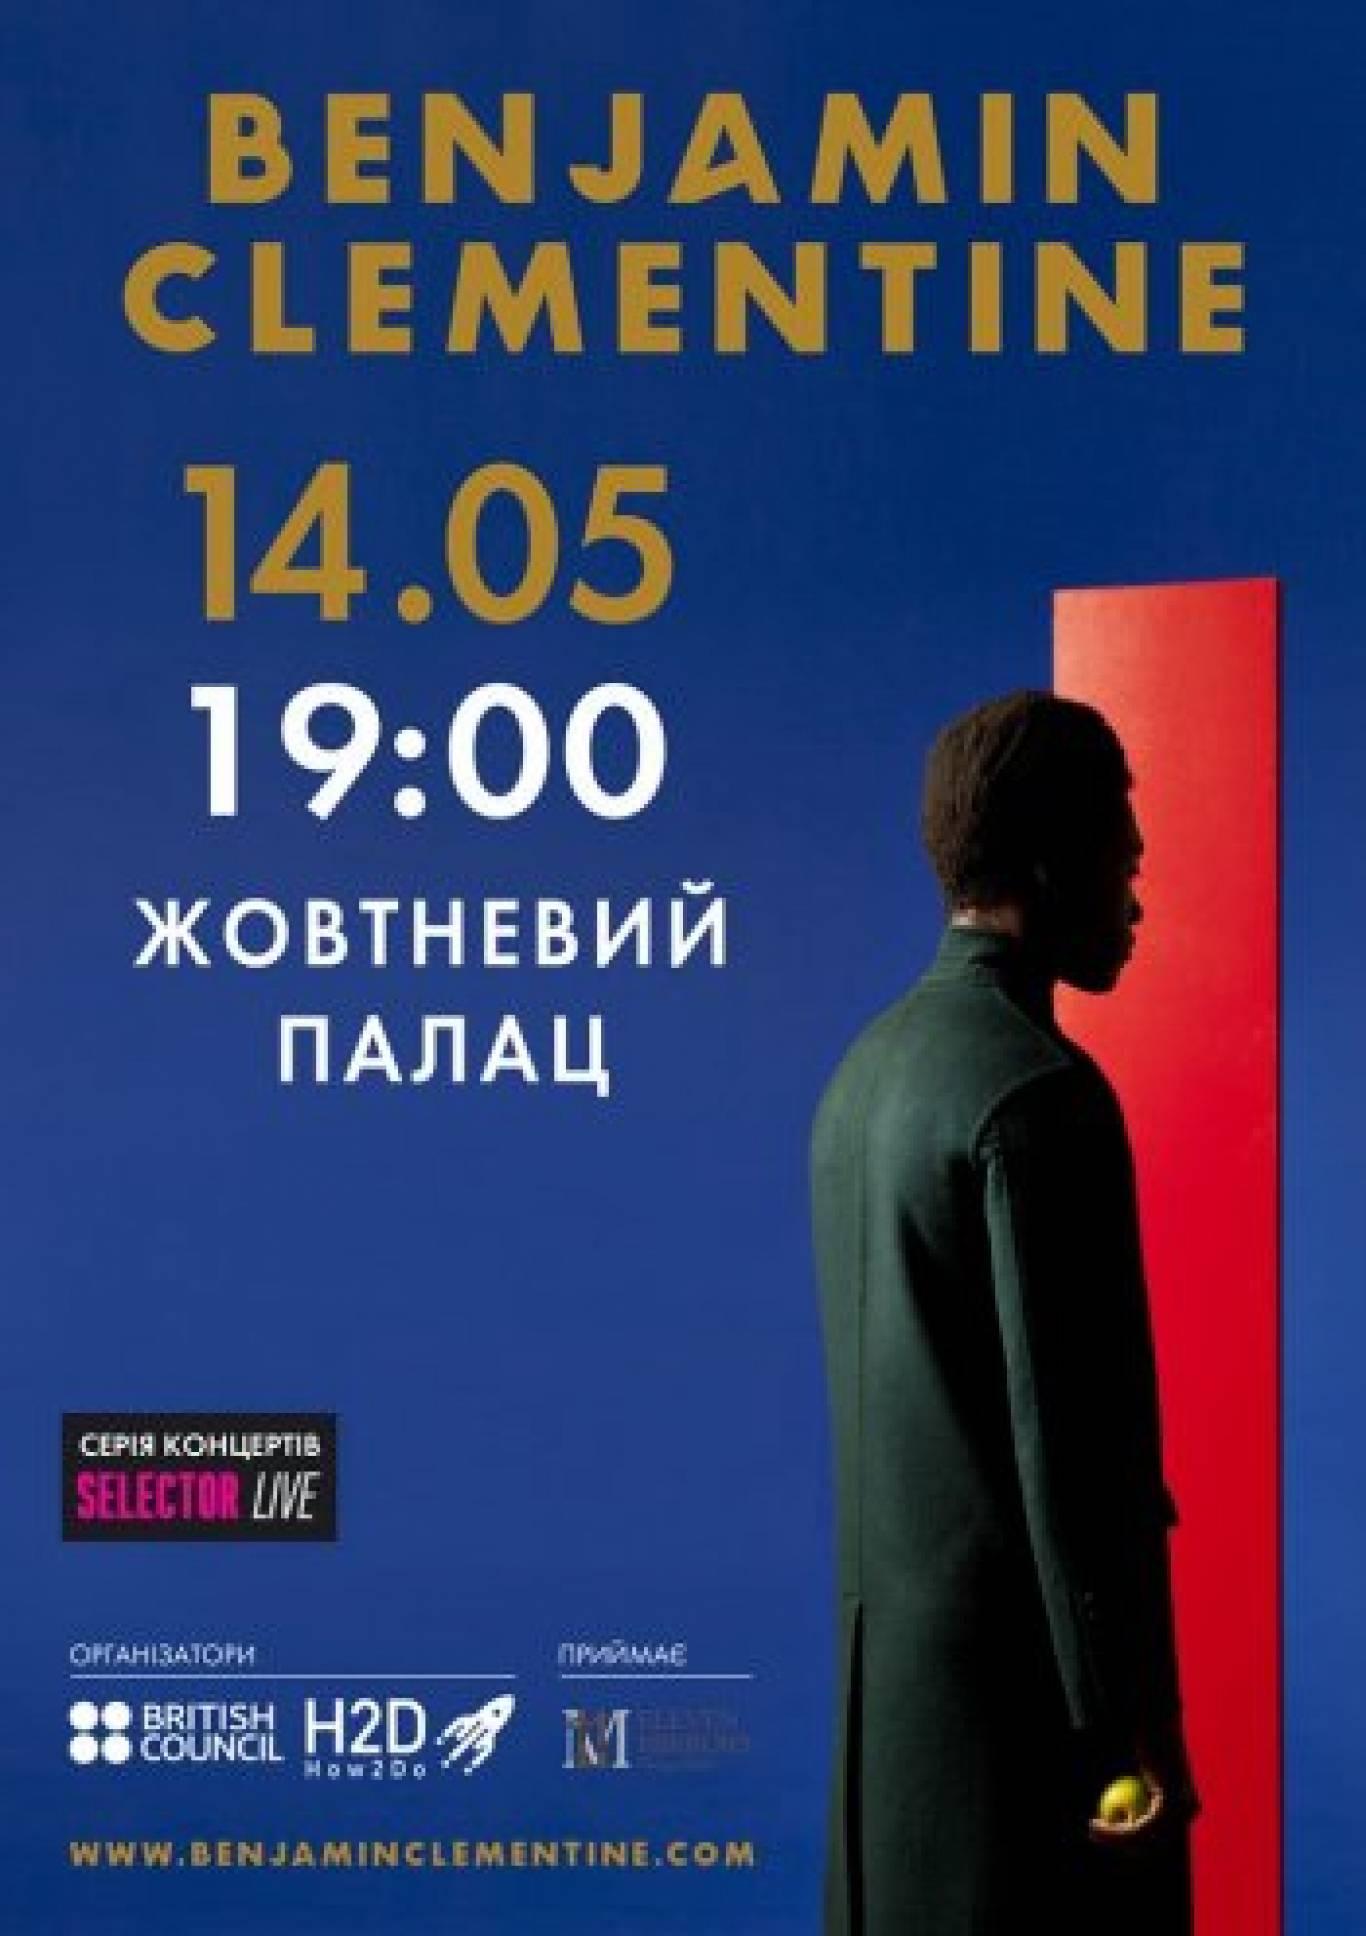 Концерт Benjamin Clementine у Жовтневому палаці